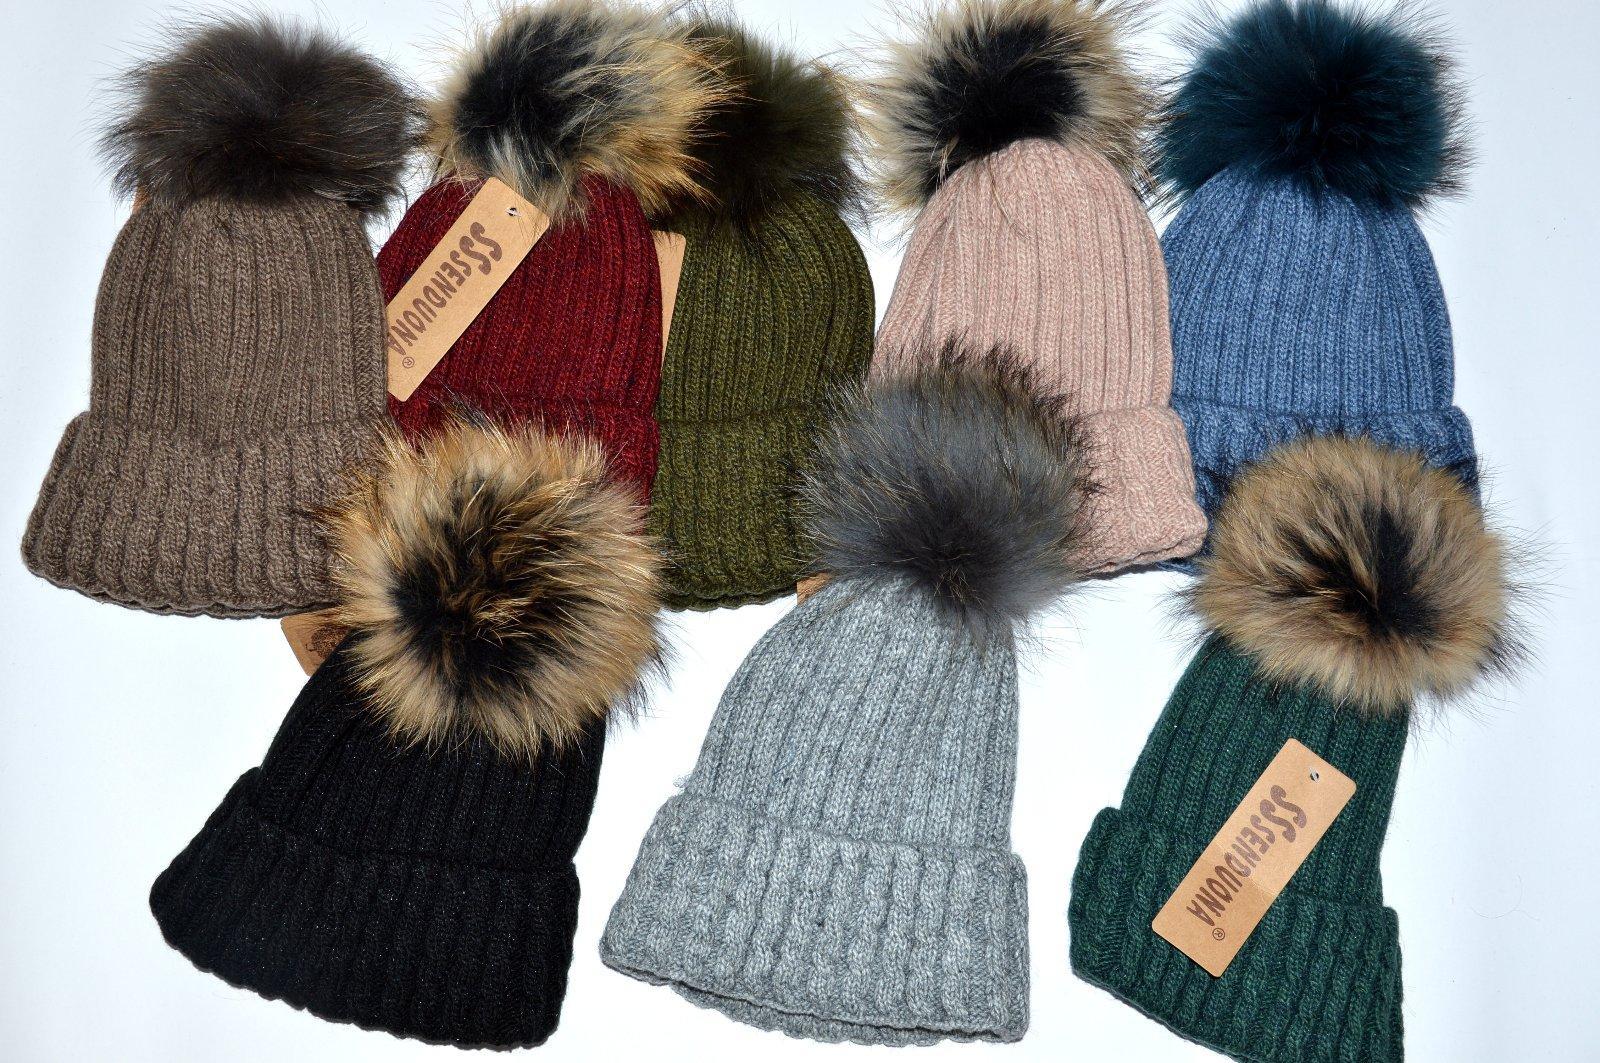 b772486dc Dámska čiapka s brmbolcom, l - xxxl - 11,50 € od predávajúcej topbabybutik  | Detský bazár | ModryKonik.sk